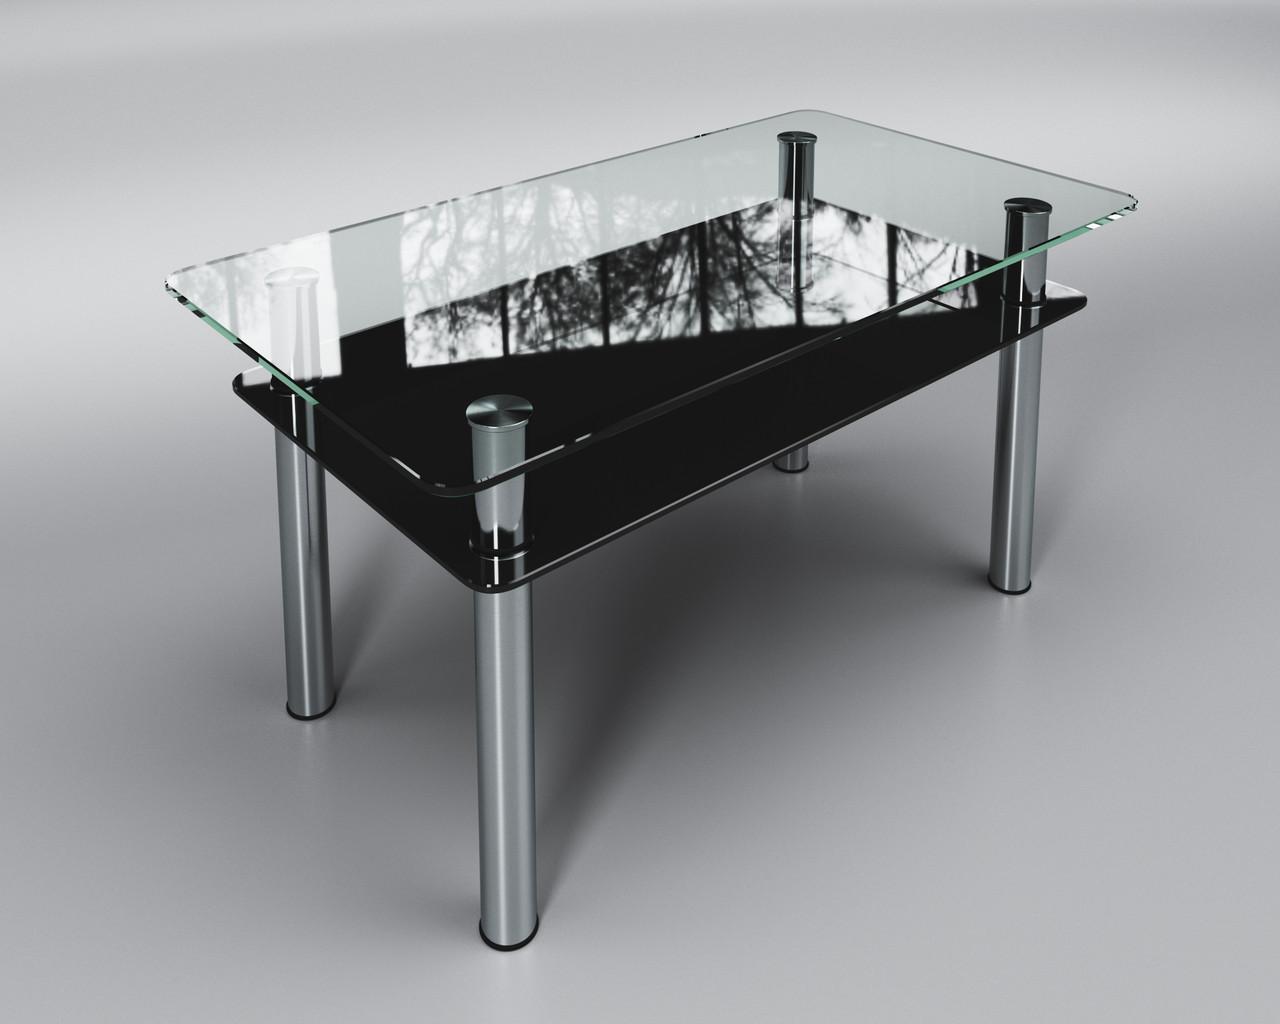 Журнальный стеклянный стол Вега с черной полкой